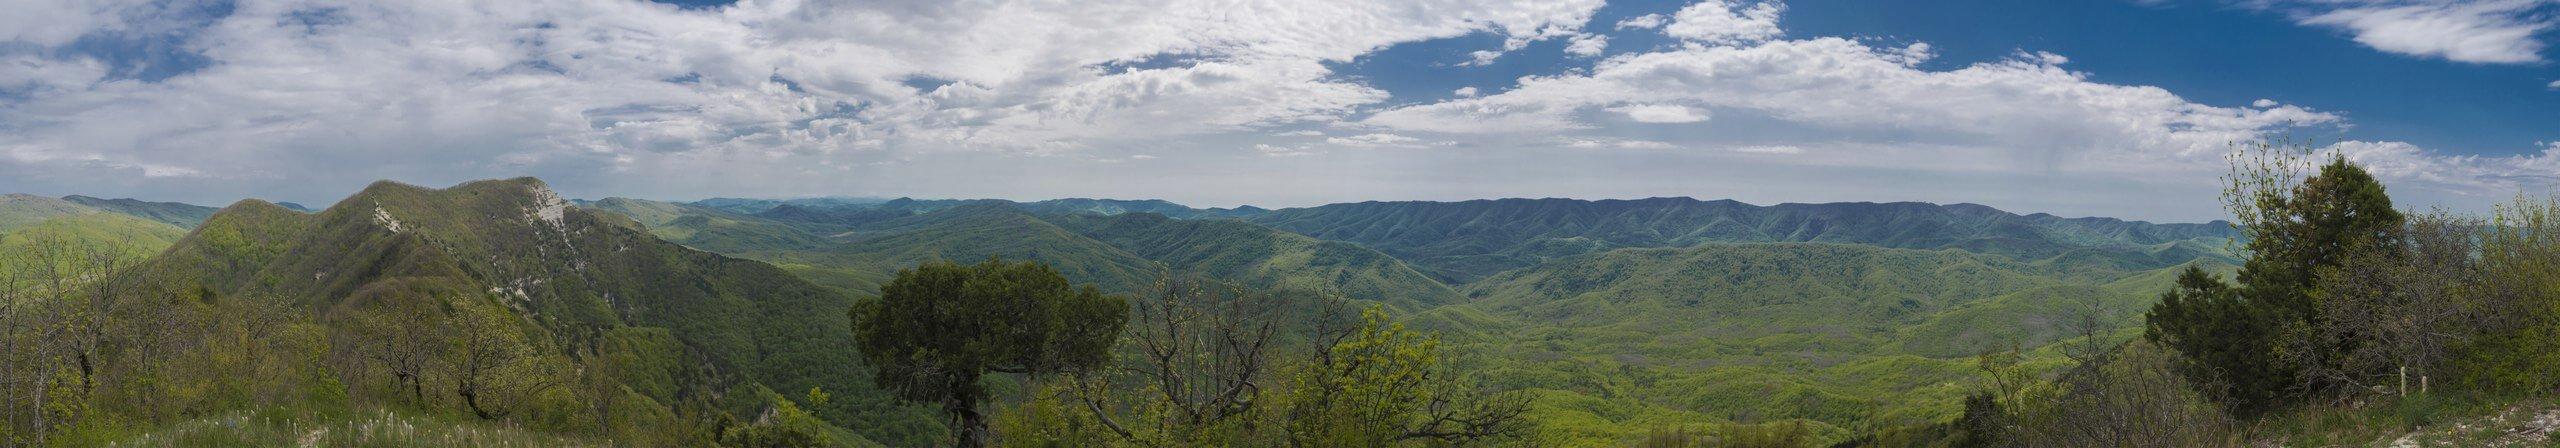 Панорама с западной вершины горы Папай